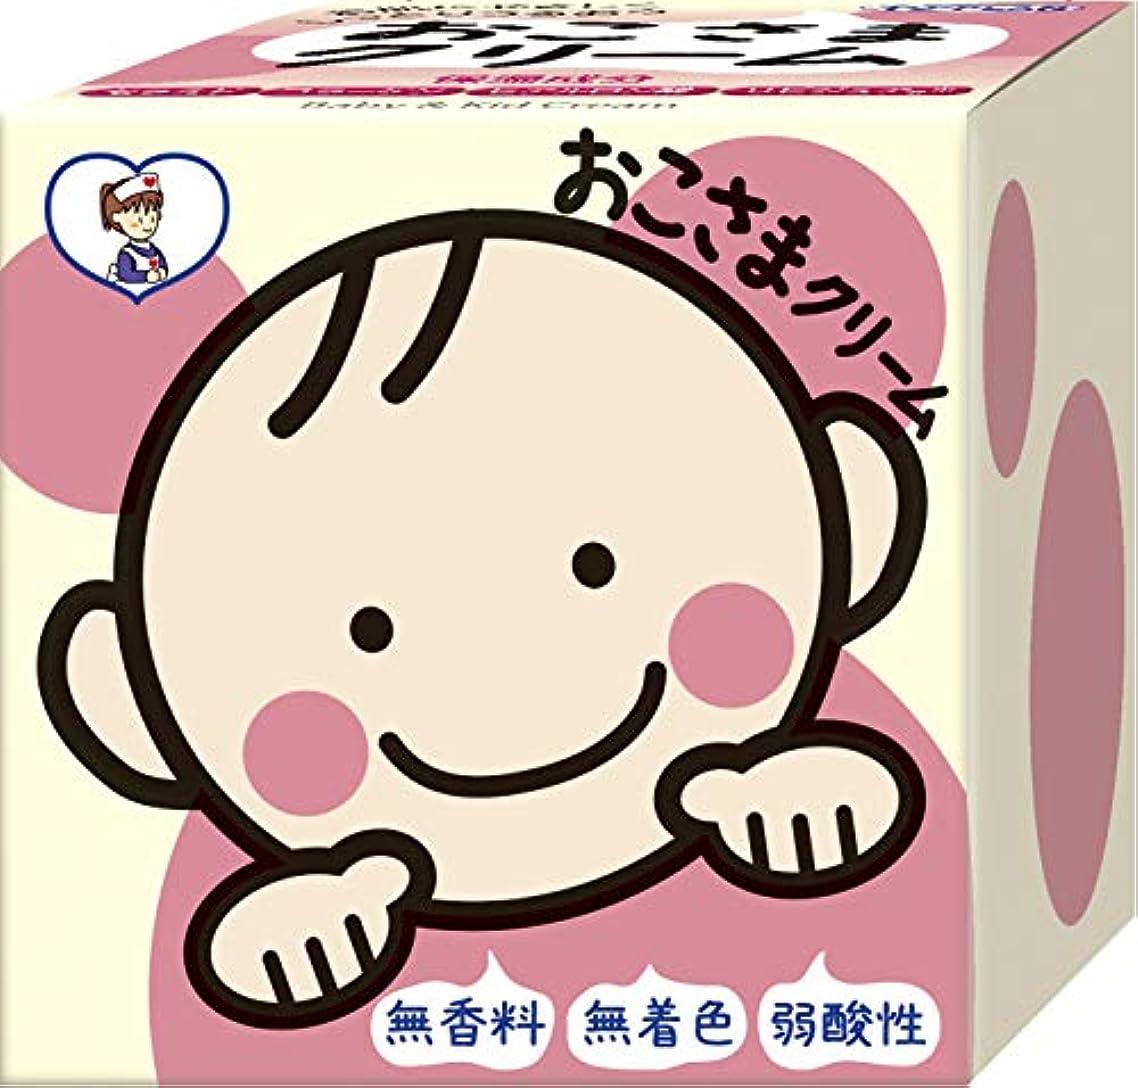 タンパク質チート人種TO-PLAN(トプラン) おこさまクリーム110g 無着色 無香料 低刺激クリーム